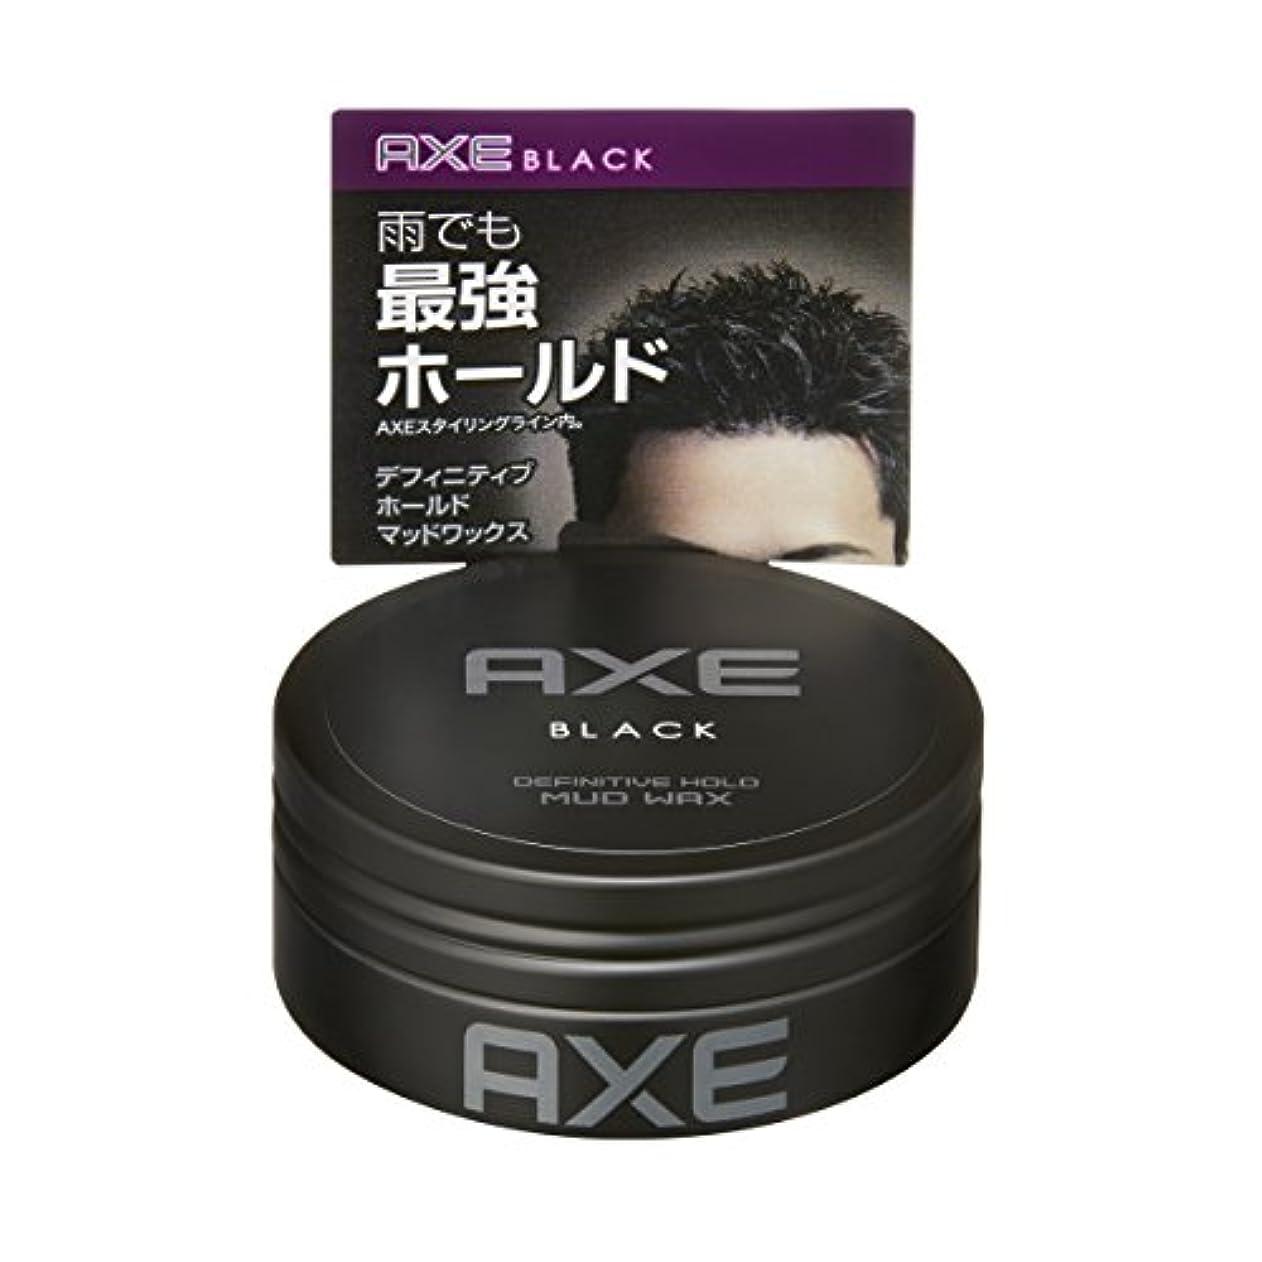 黒デイジー代わってアックス ブラック メンズスタイリング マッドワックス (ハードな立ち上げ) 65g